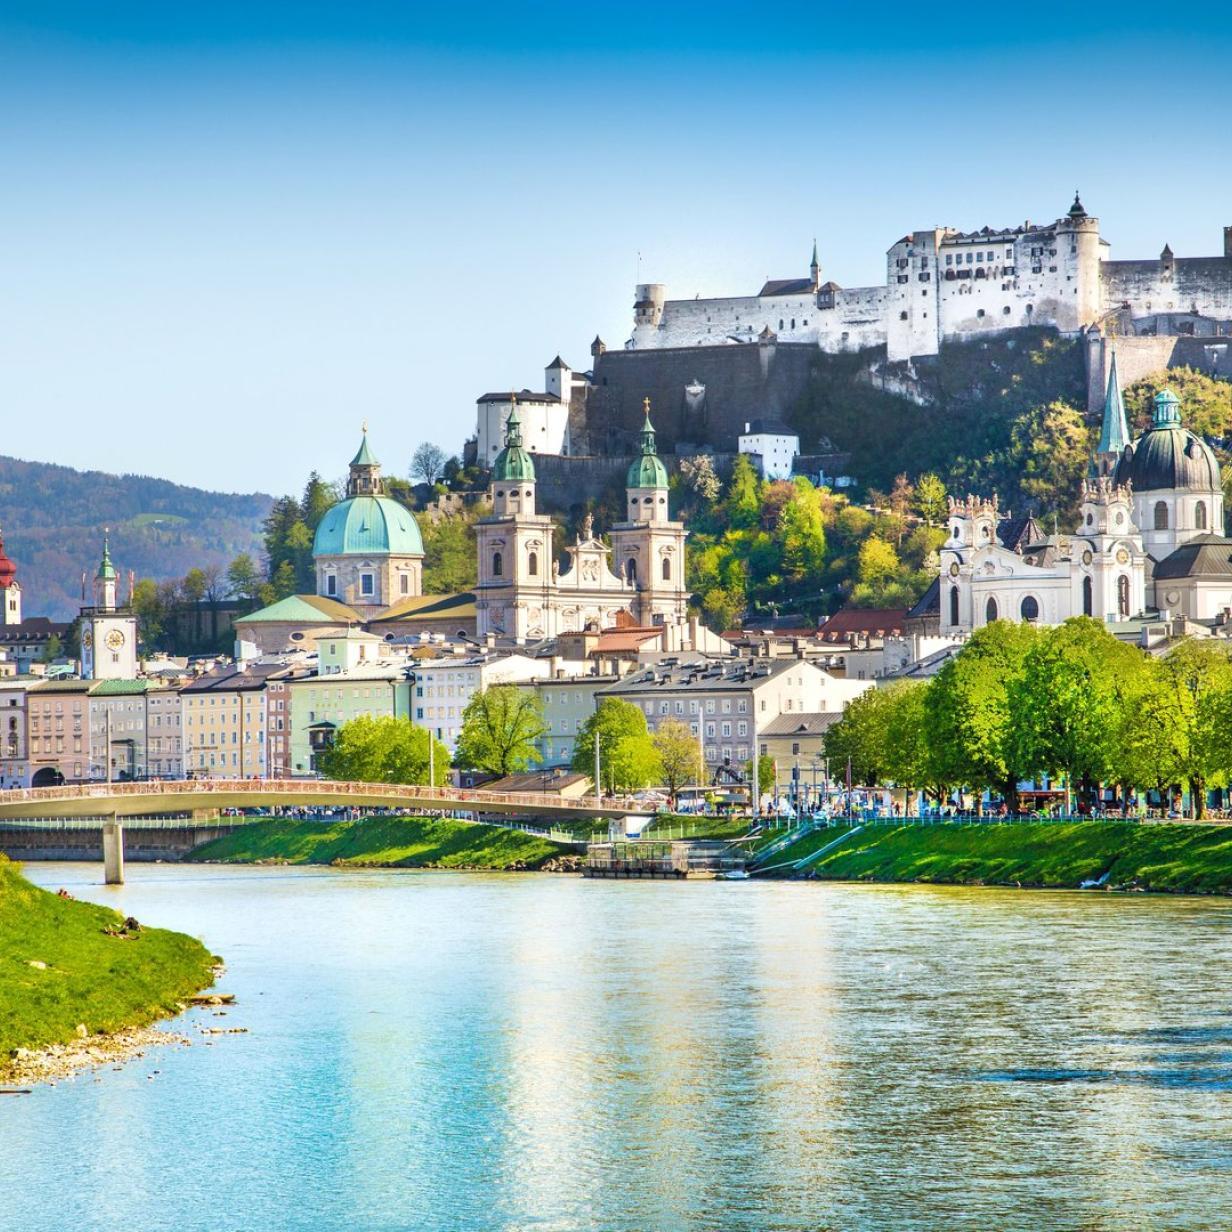 Trommelwirbel, bitte: Lonely Planet kürt Salzburg zur besten Stadt